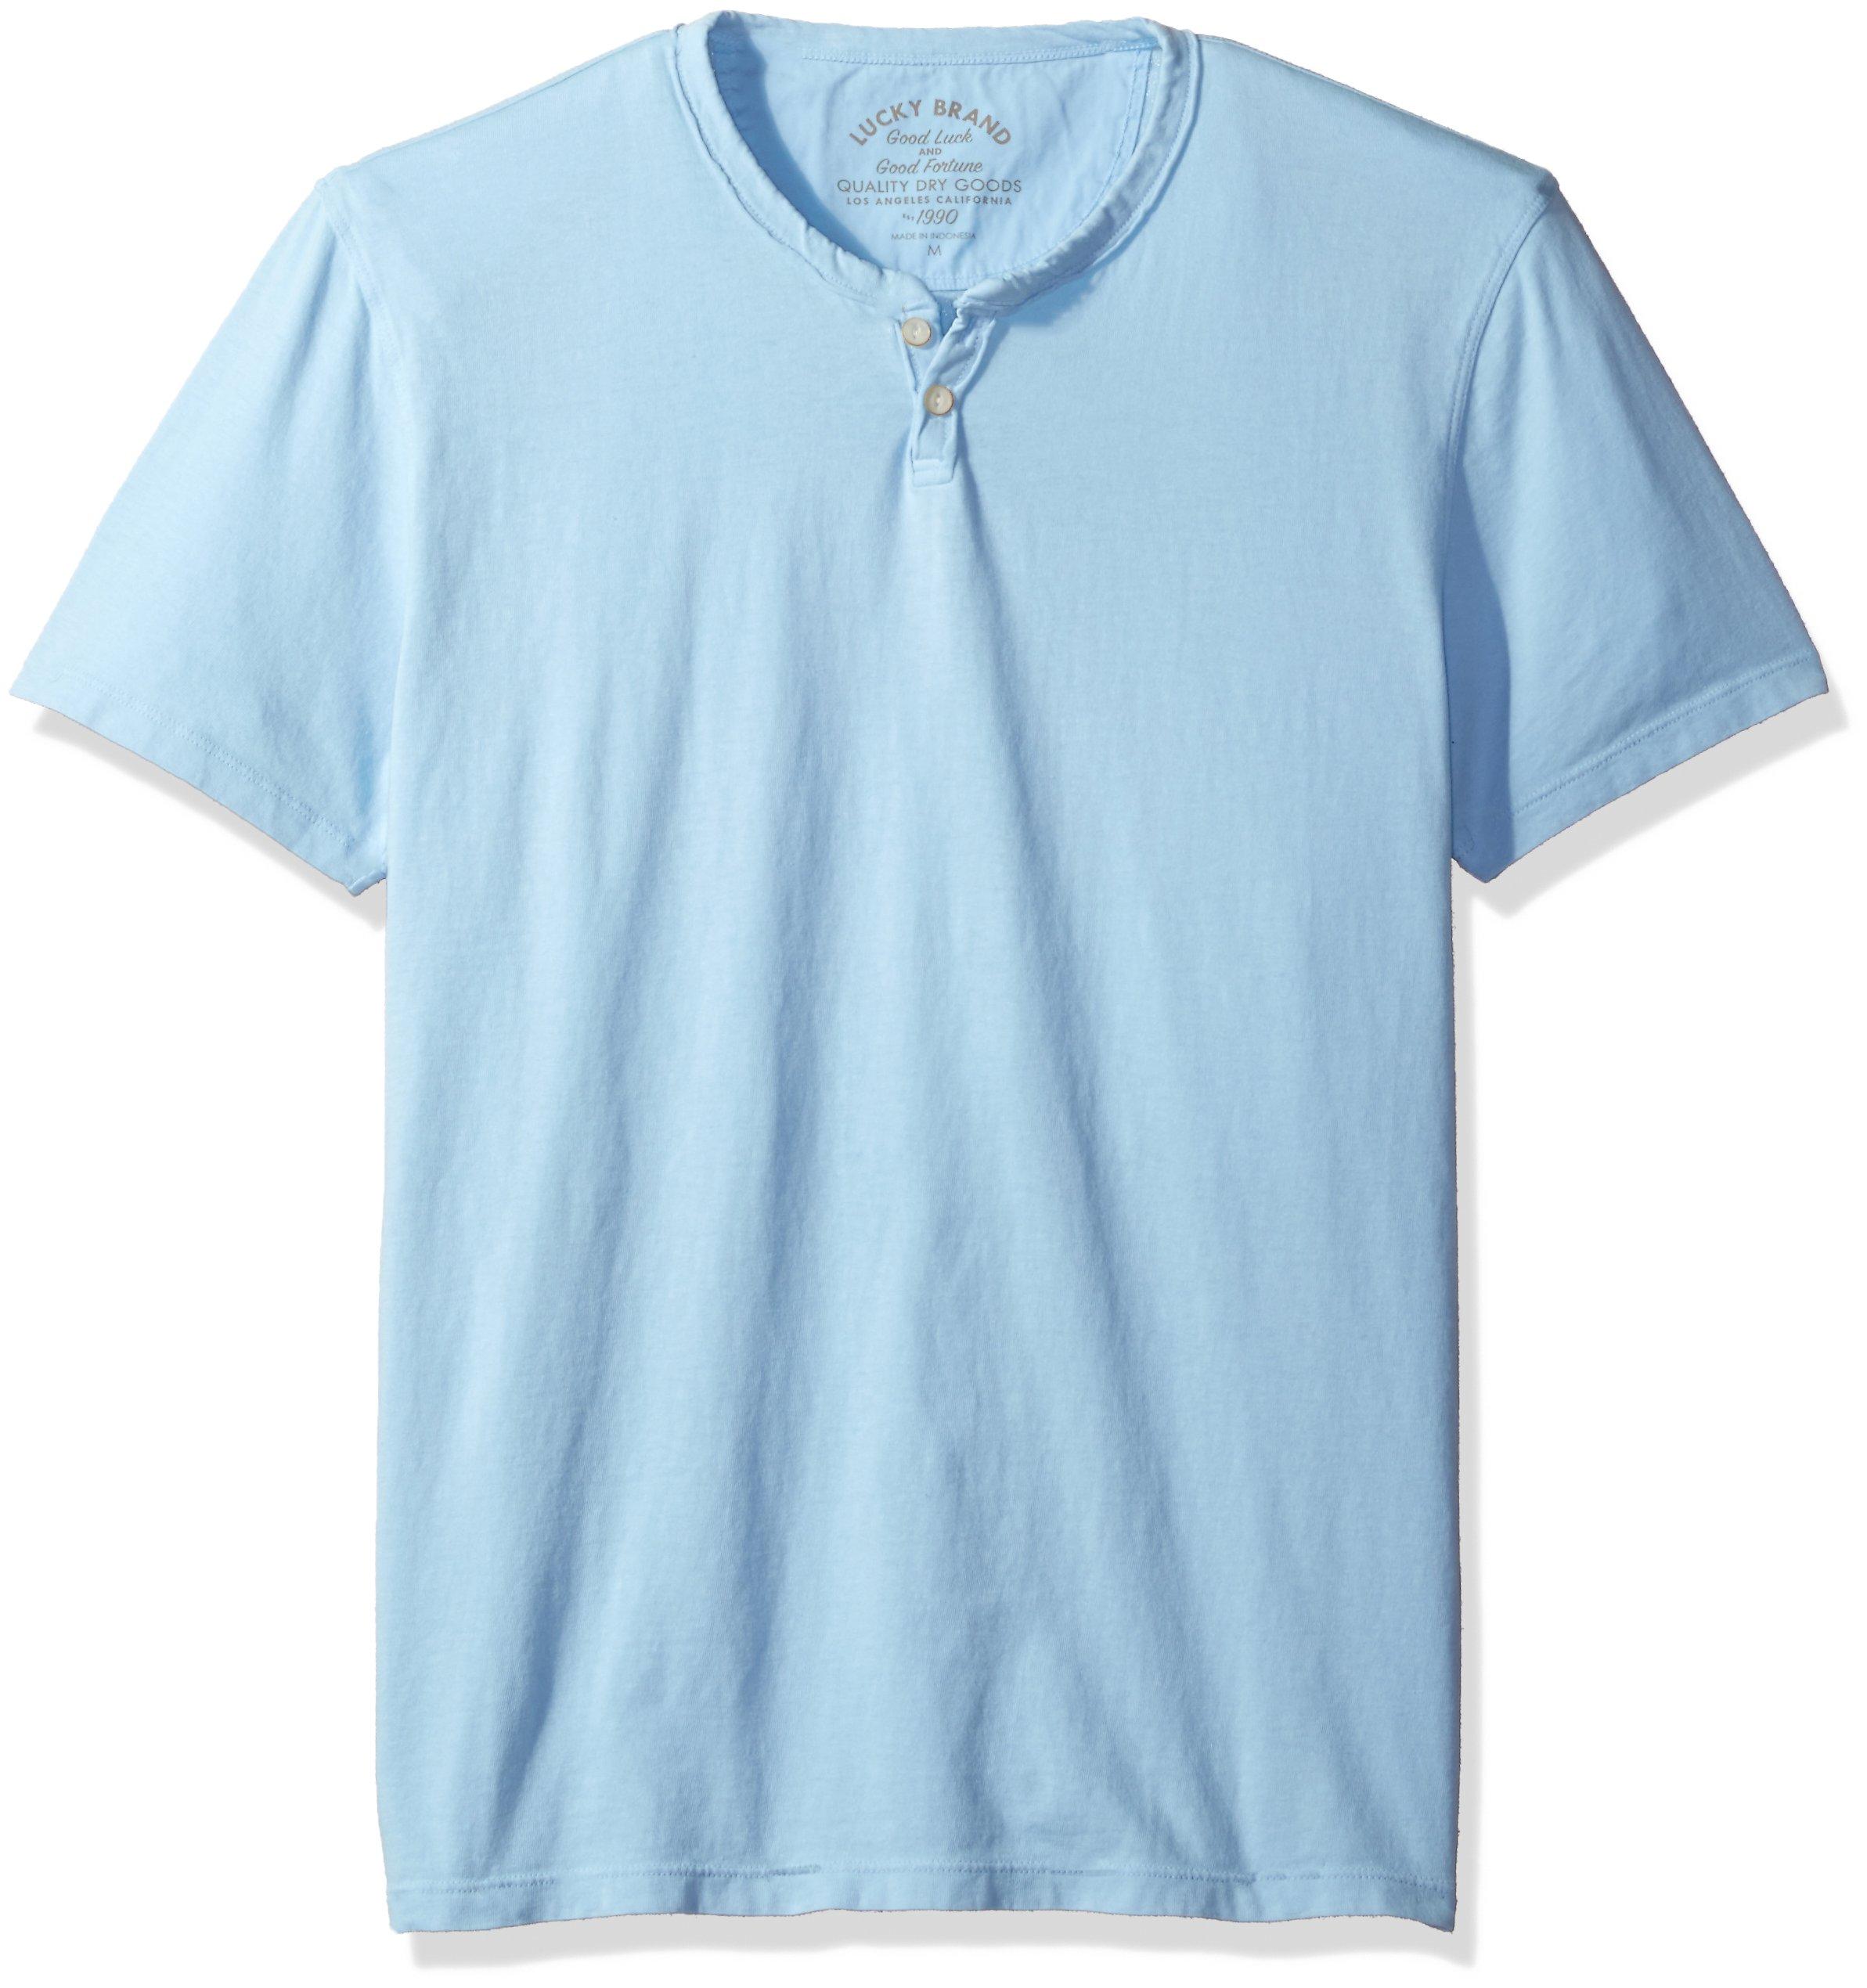 Lucky Brand Men's Button Notch Neck Tee, Dream Blue, X-Large